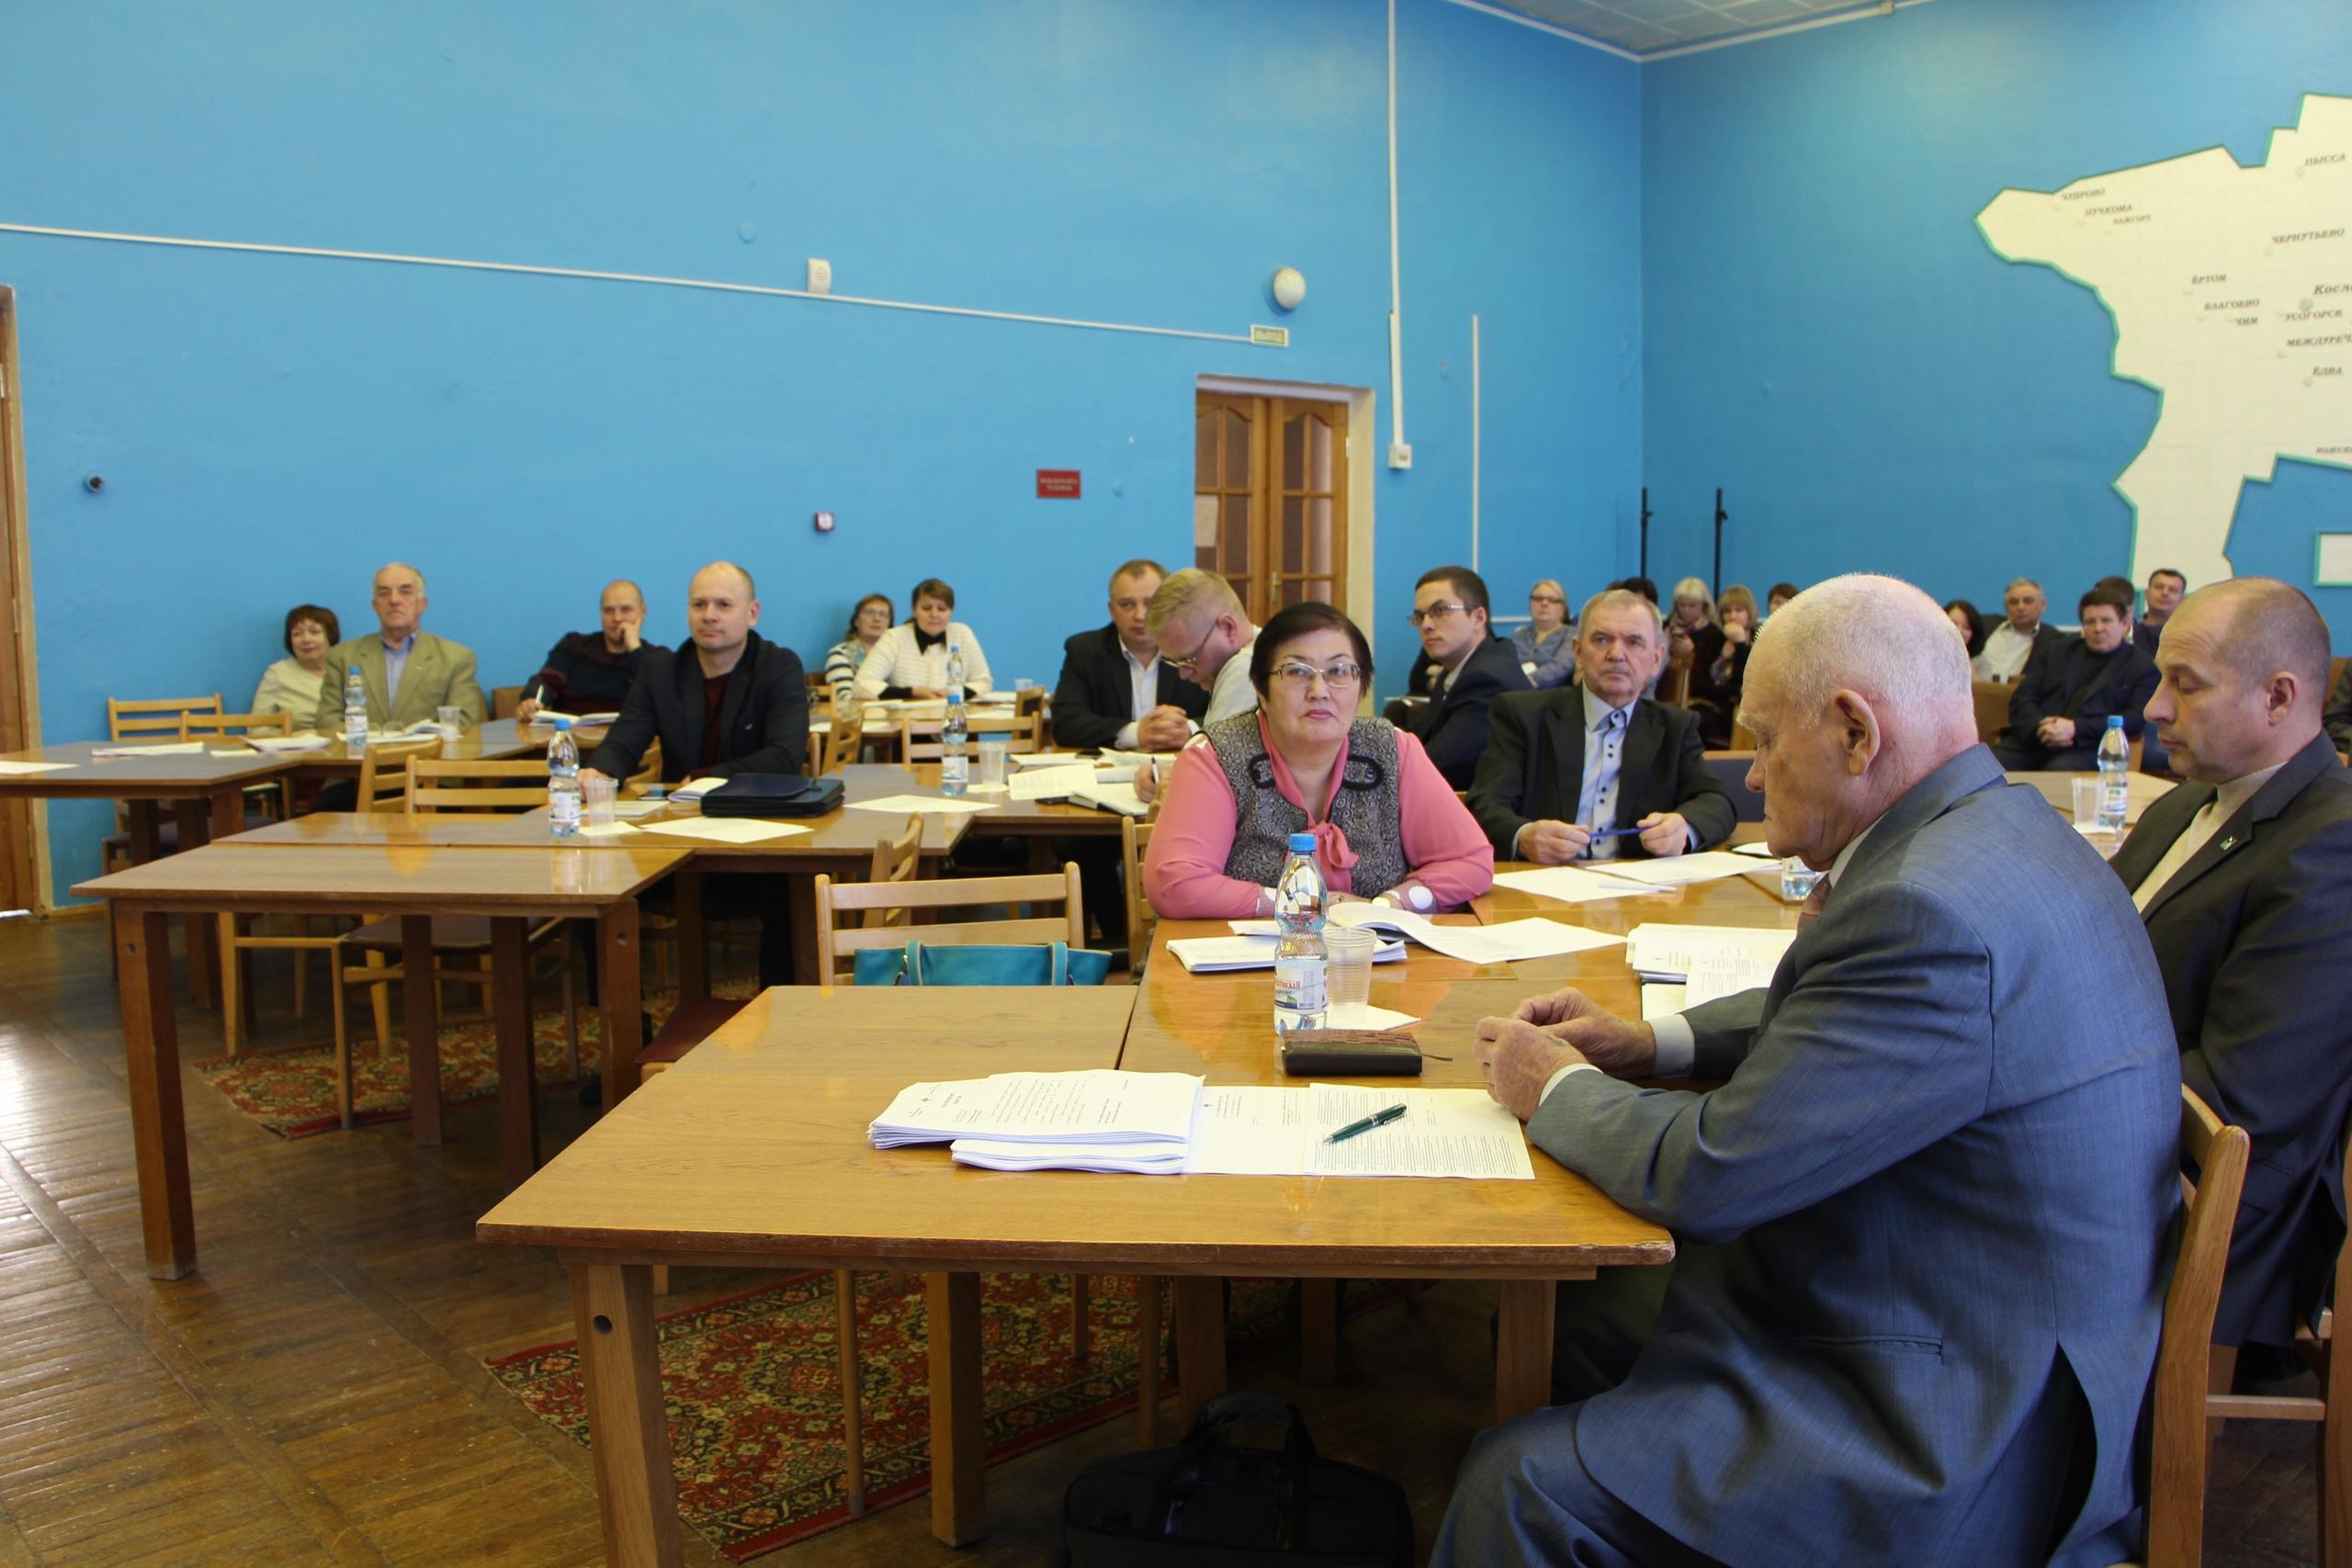 Депутаты районного Совета внесли изменения в бюджет района и в прогнозный план приватизации имущества , осуществили передачу имущества и др.